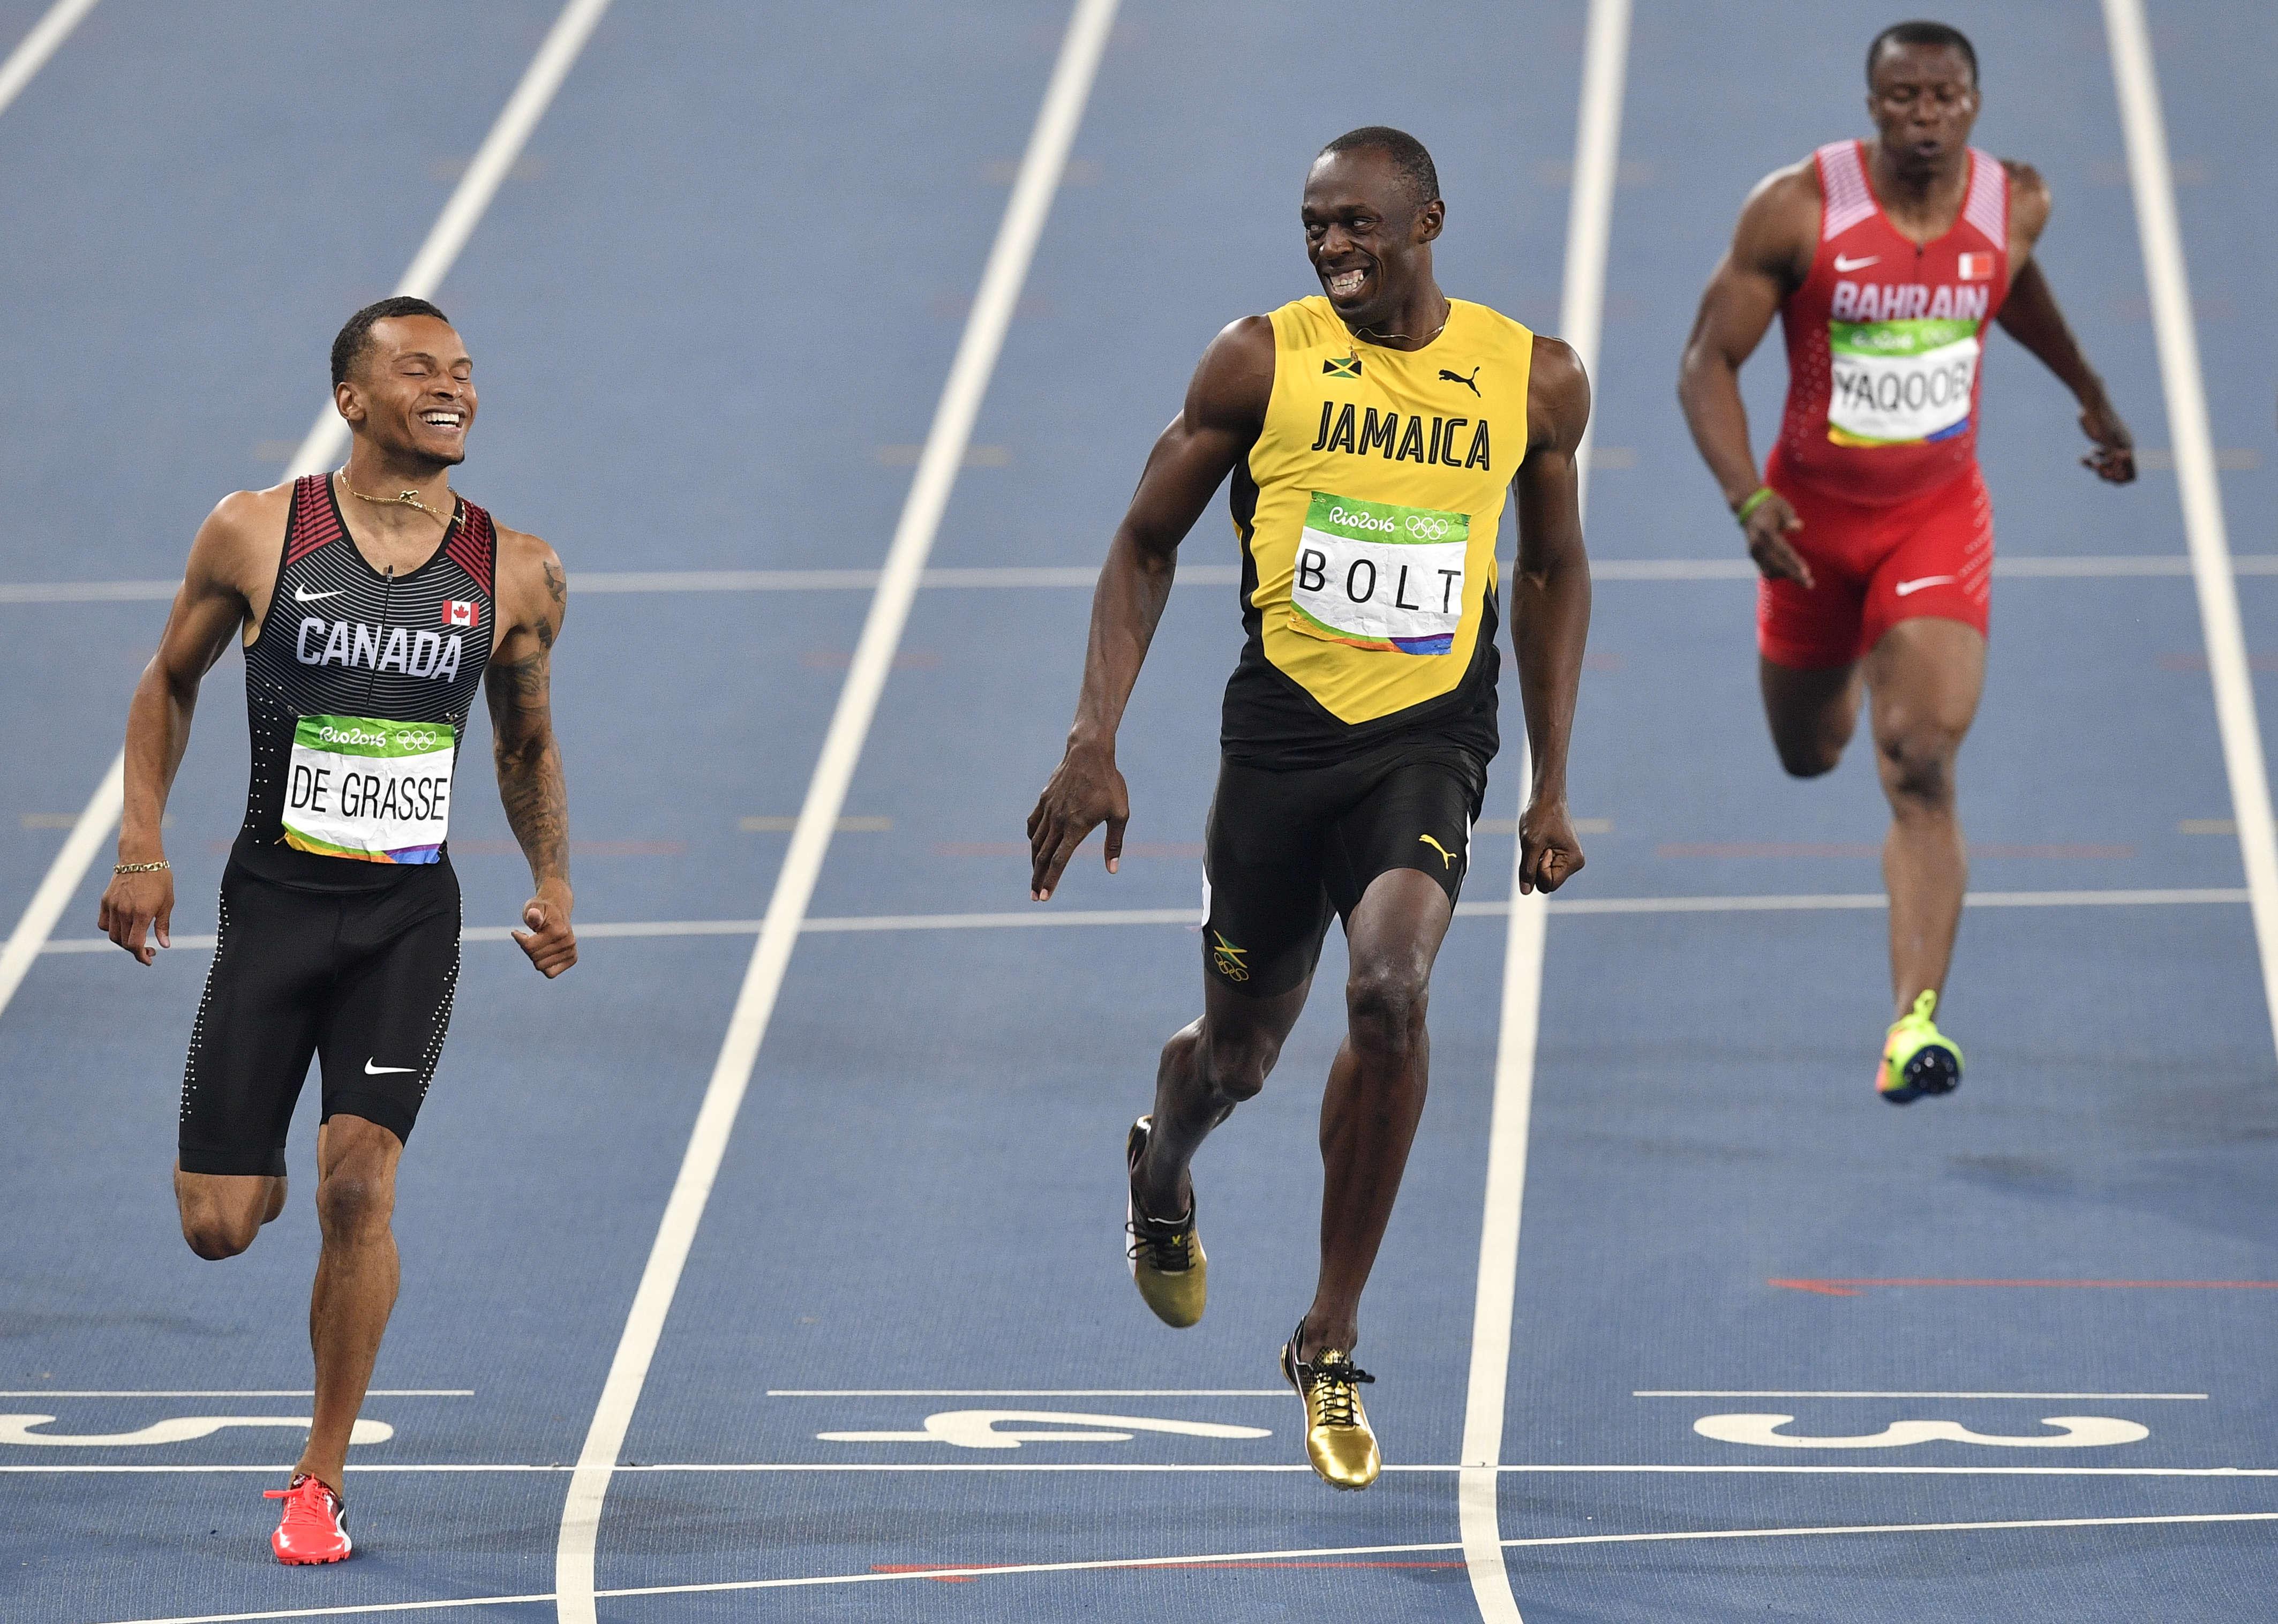 Le roi Usain Bolt semble avoir adoublé et trouvé son succès : le Canadien Andre De Grasse. Lors des qualifications du 200 m les deux sprinteurs, largement en tête, se sont permis un petit fou rire en constatant leur écrasante supériorité sur le reste des concurrents.